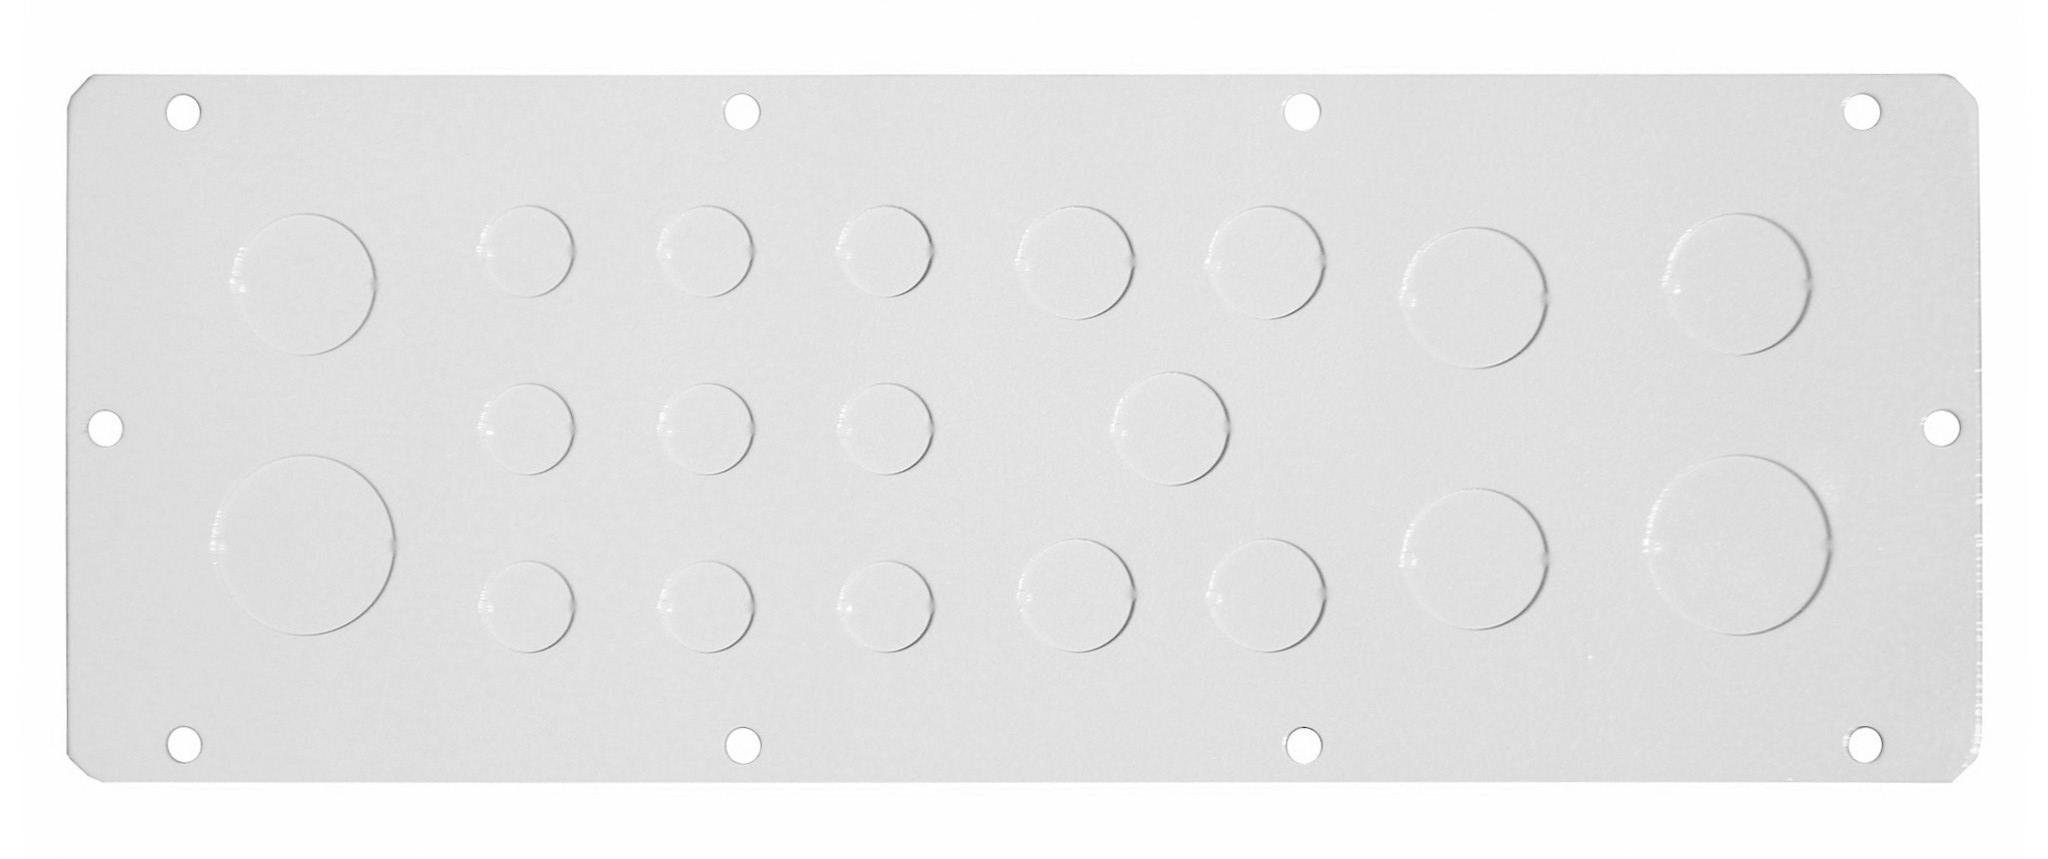 1 Stk Flansch 310x96, Ausprägung 9XM16, 4xM20, 2xM25, 2xM32 WSFA0002--